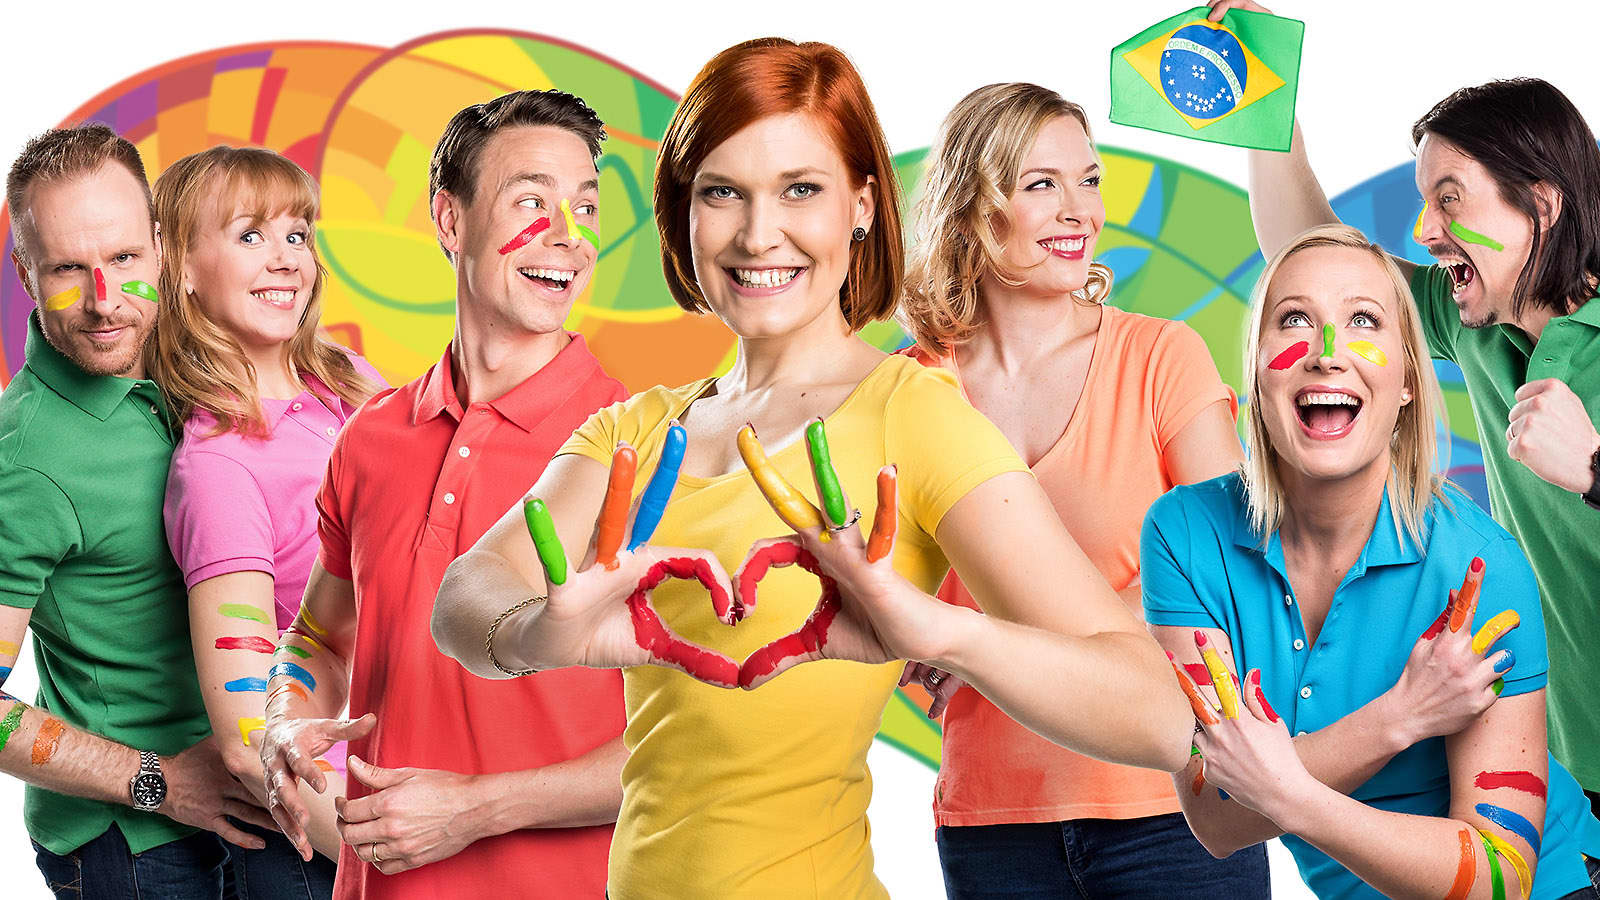 Ylen olympialähetysten juontajat yhteiskuvassa.